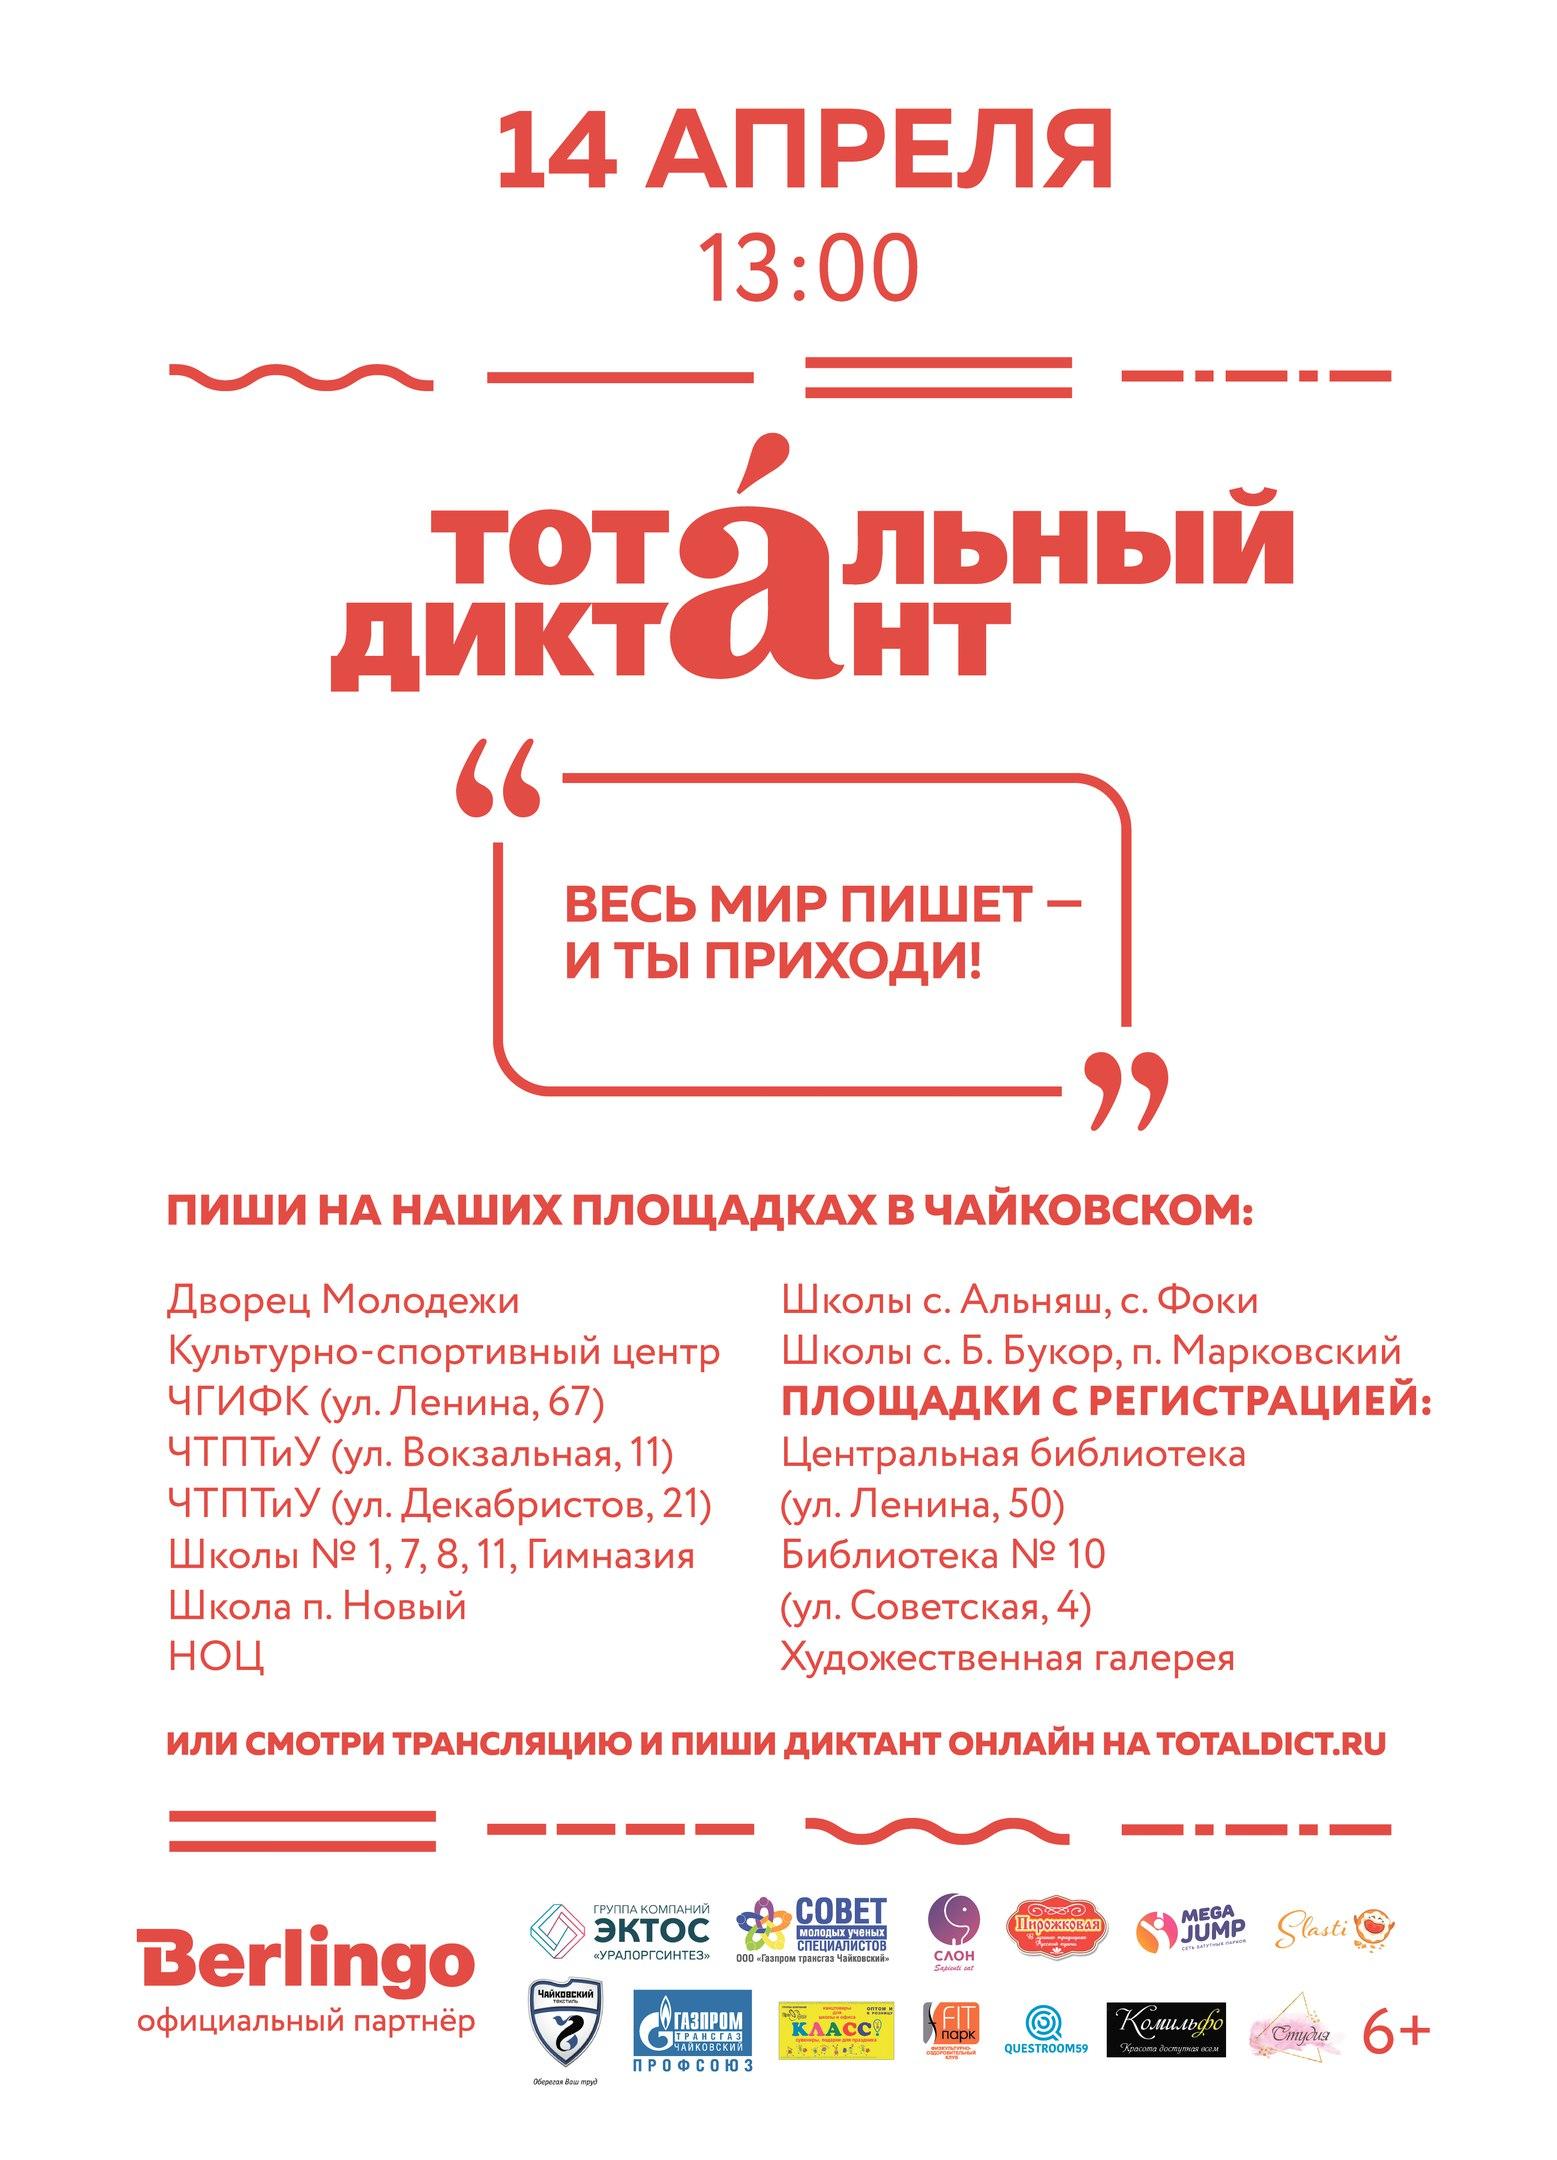 афиша, тотальный диктант, Чайковский, 2018 год